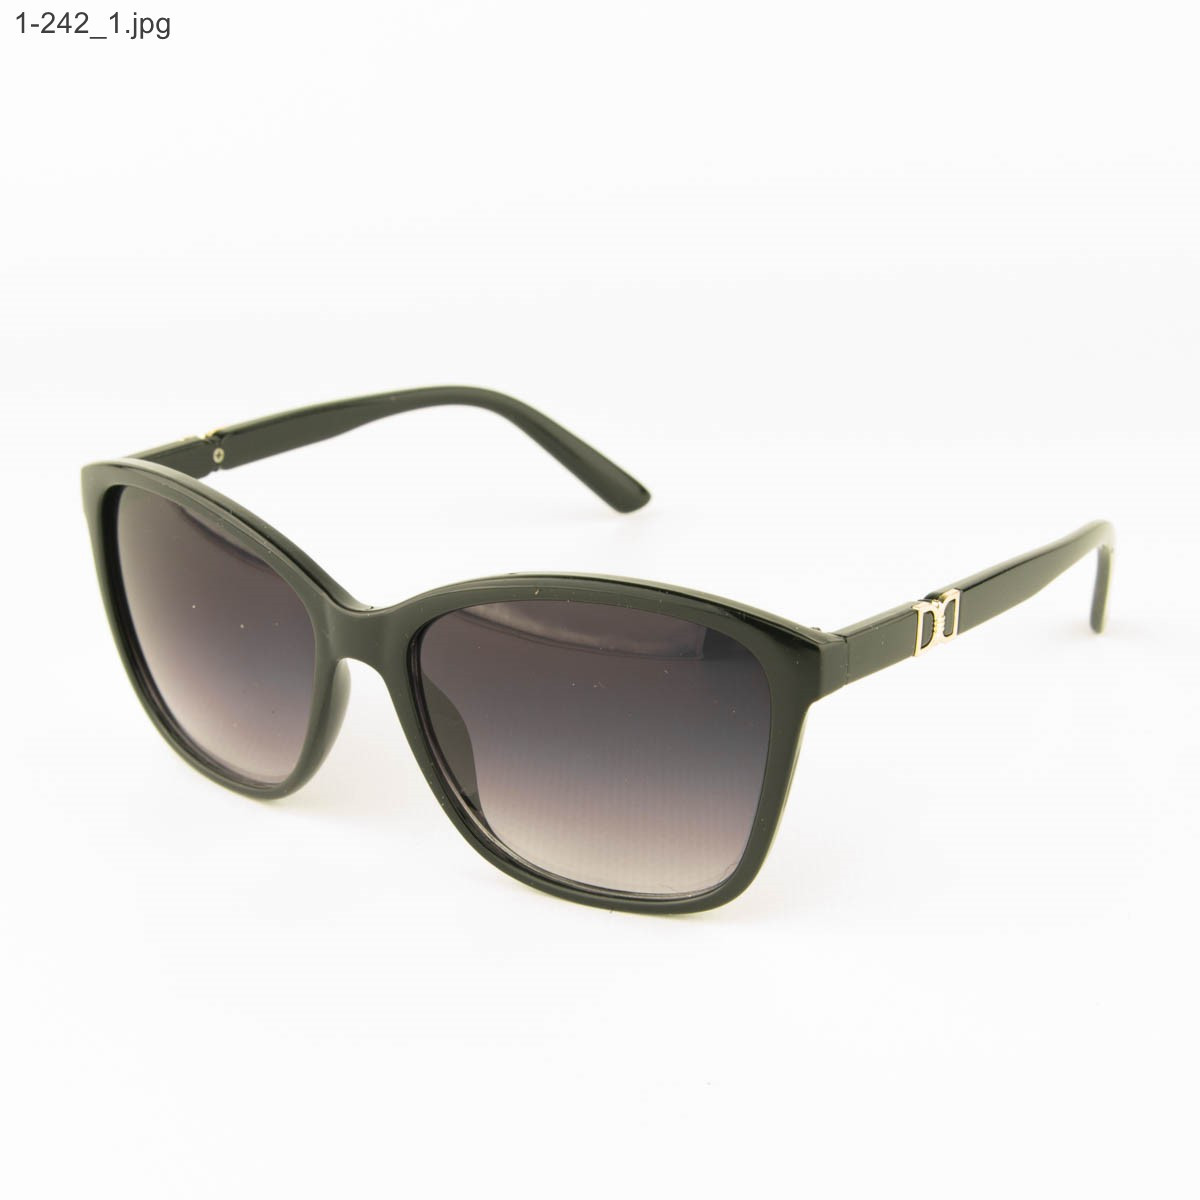 Очки солнцезащитные женские - черные - 1-242, фото 1